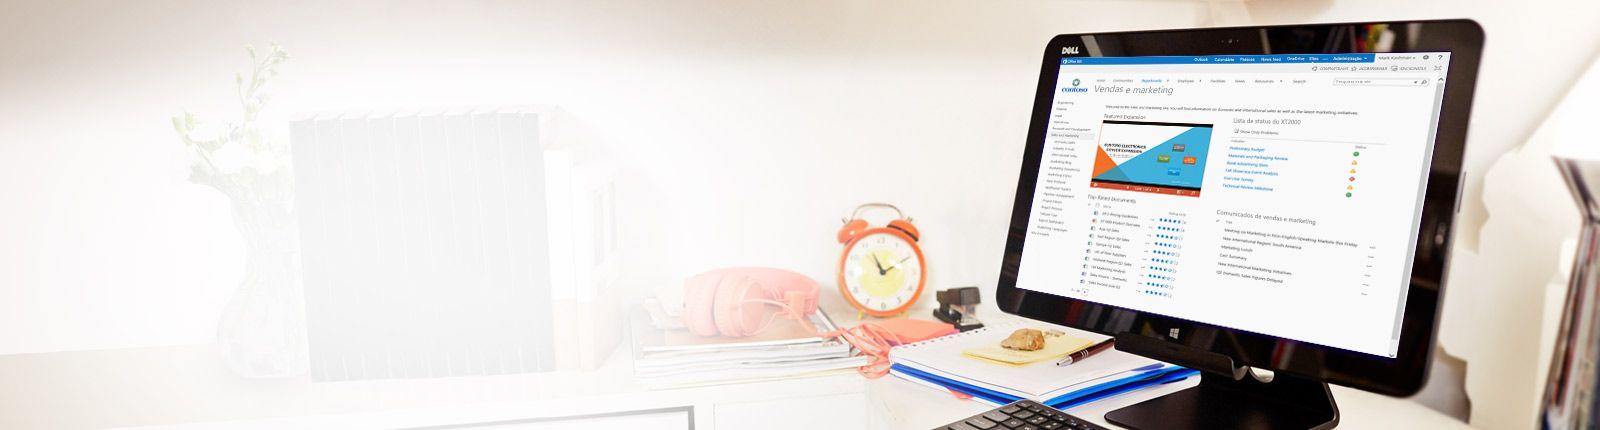 Um monitor de área de trabalho mostrando um documento de venda e um de marketing no SharePoint.